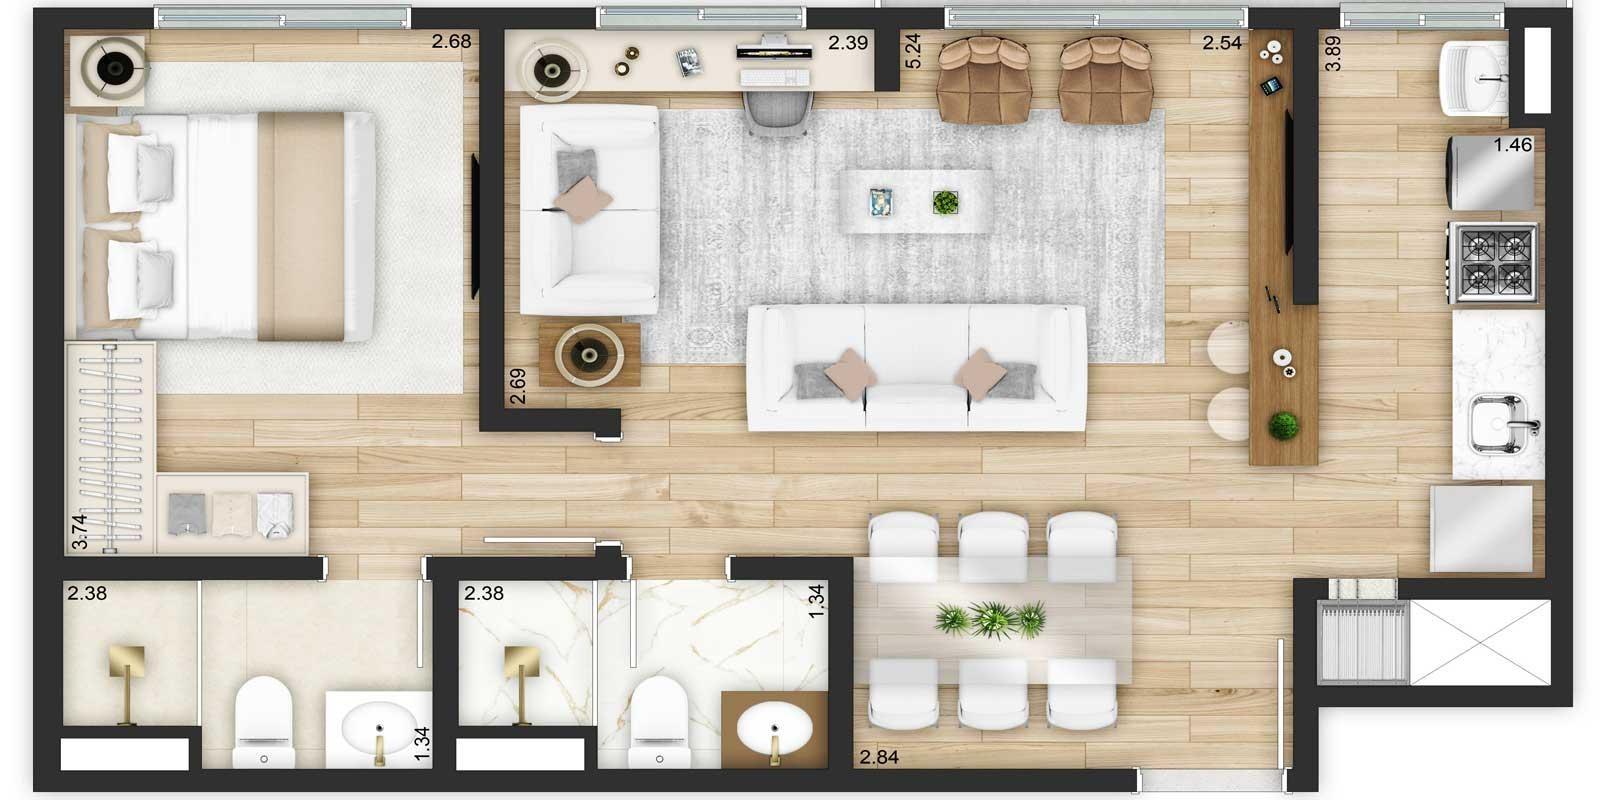 TPS Imóveis - Veja Foto 26 de 32 do Apartamentos de 2 e 3 dormitórios com suíte